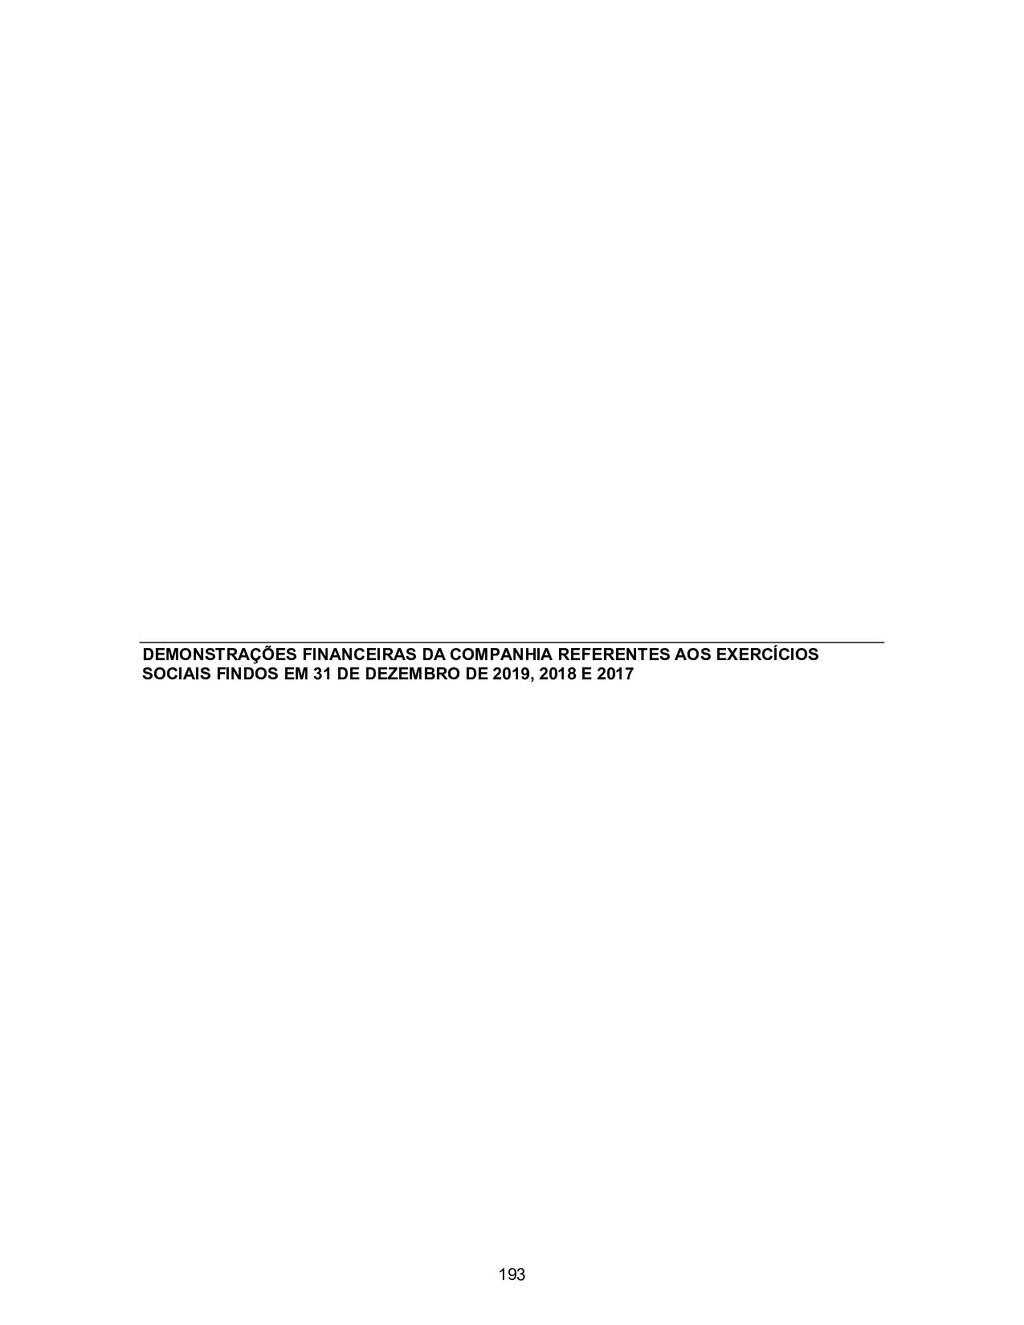 DEMONSTRAÇÕES FINANCEIRAS DA COMPANHIA REFERENT...